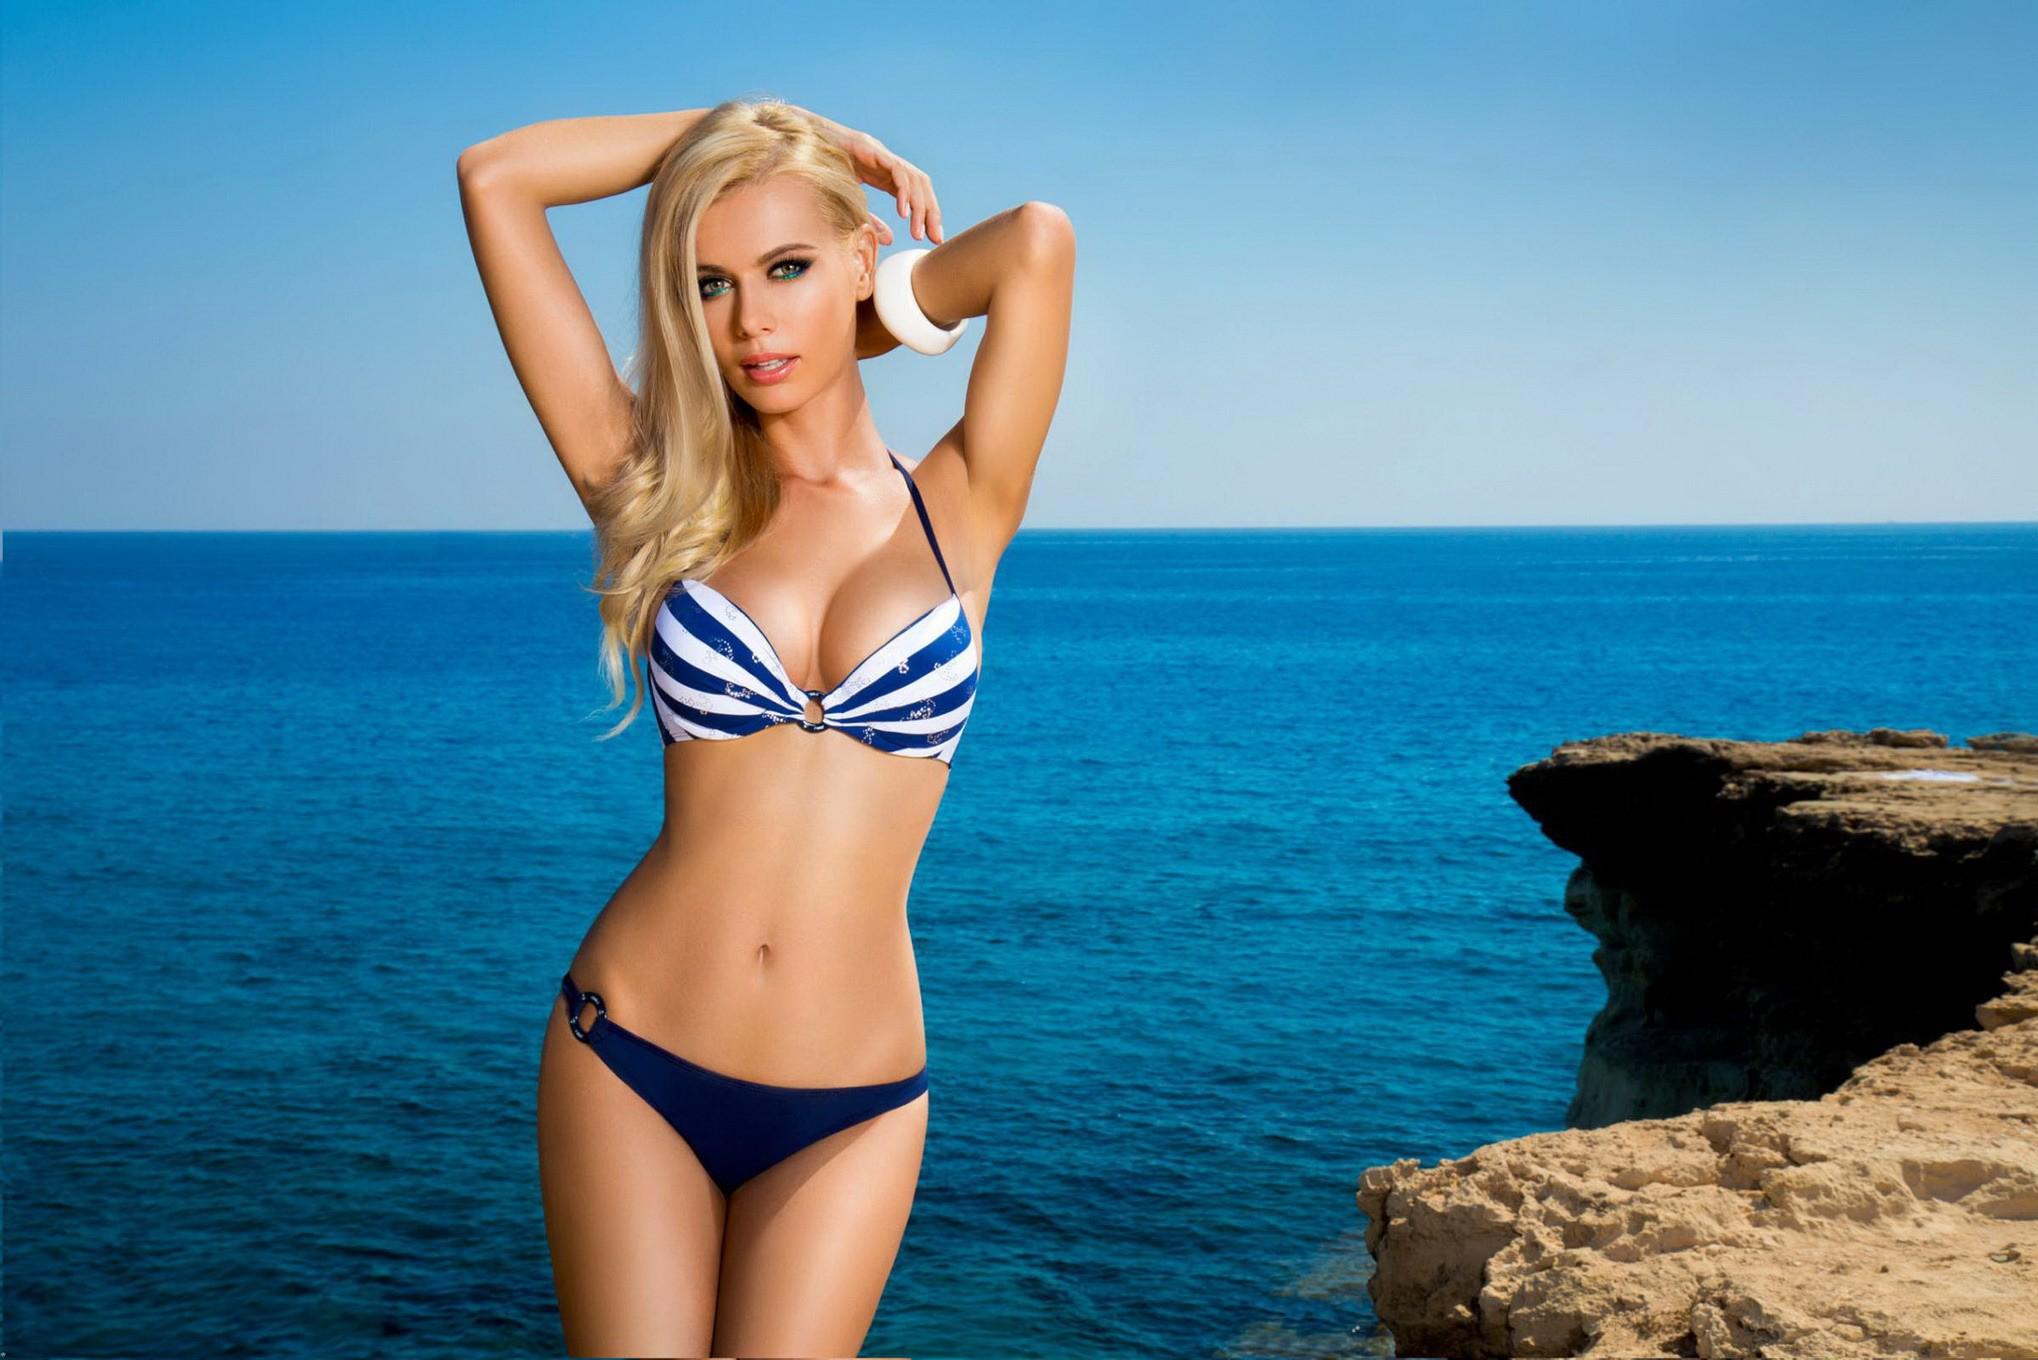 blondinka-foto-s-kupalnikom